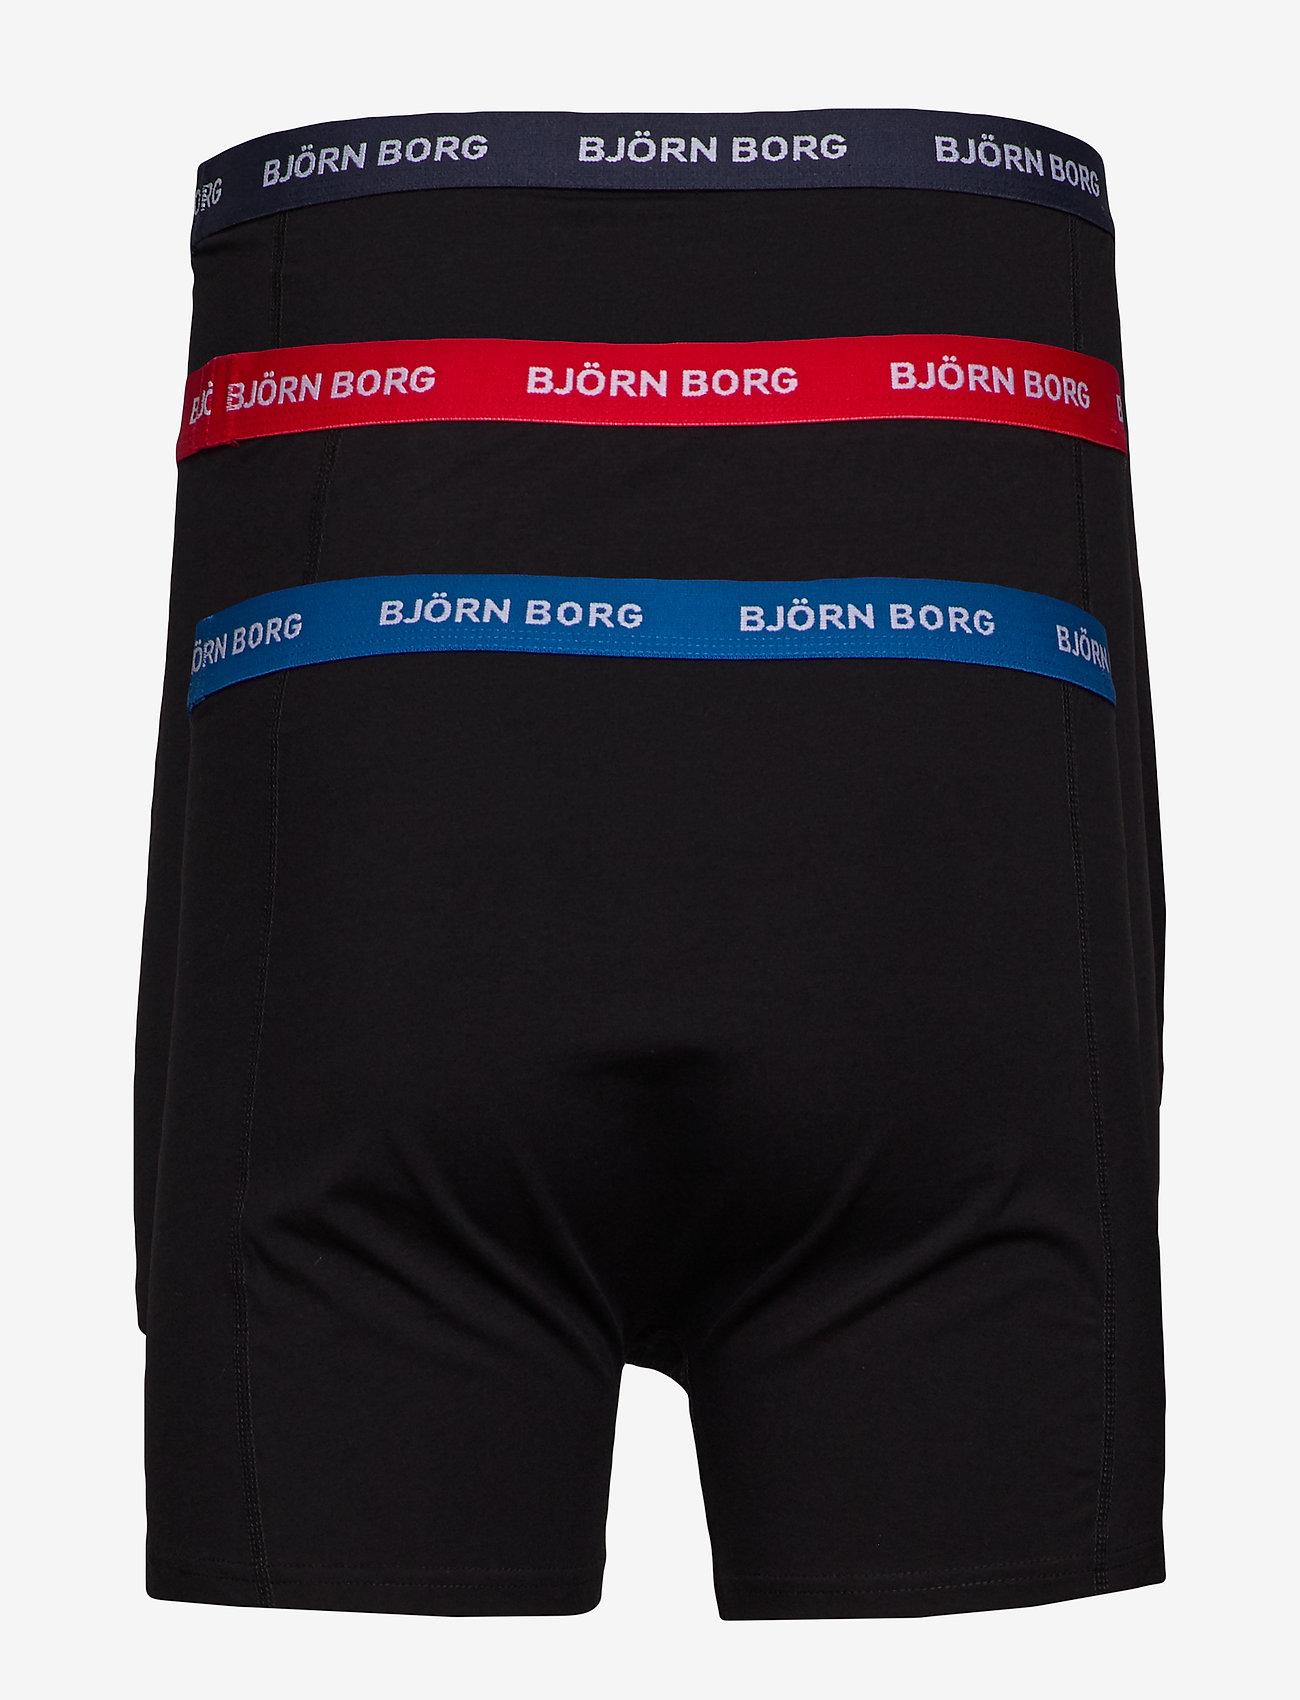 Björn Borg - SHORTS SAMMY NOOS CONTRAST SOLIDS - underwear - black - 1